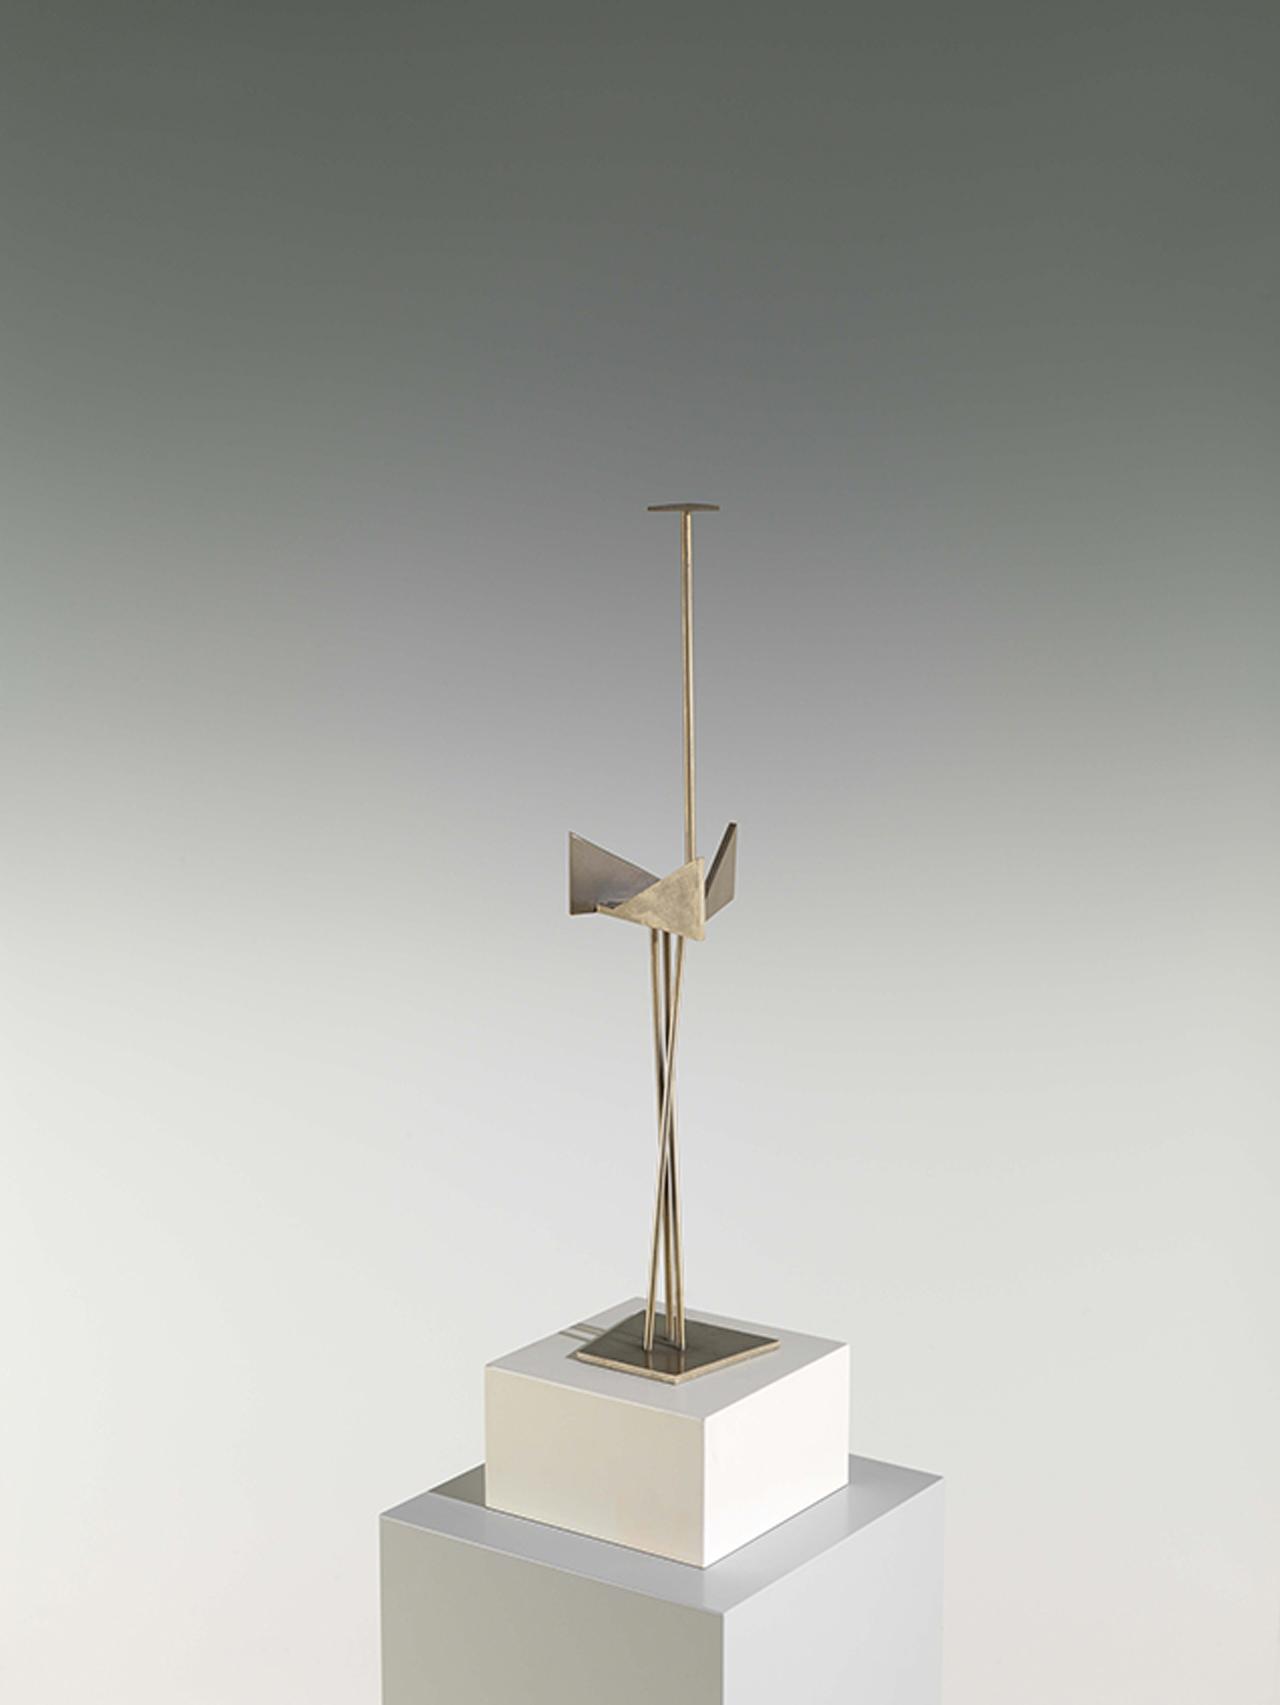 Hans Uhlmann, Stahlskulptur, kleine Fassung, 1958, Stahl, blank, 51,5 x 10,5 x 9 cm